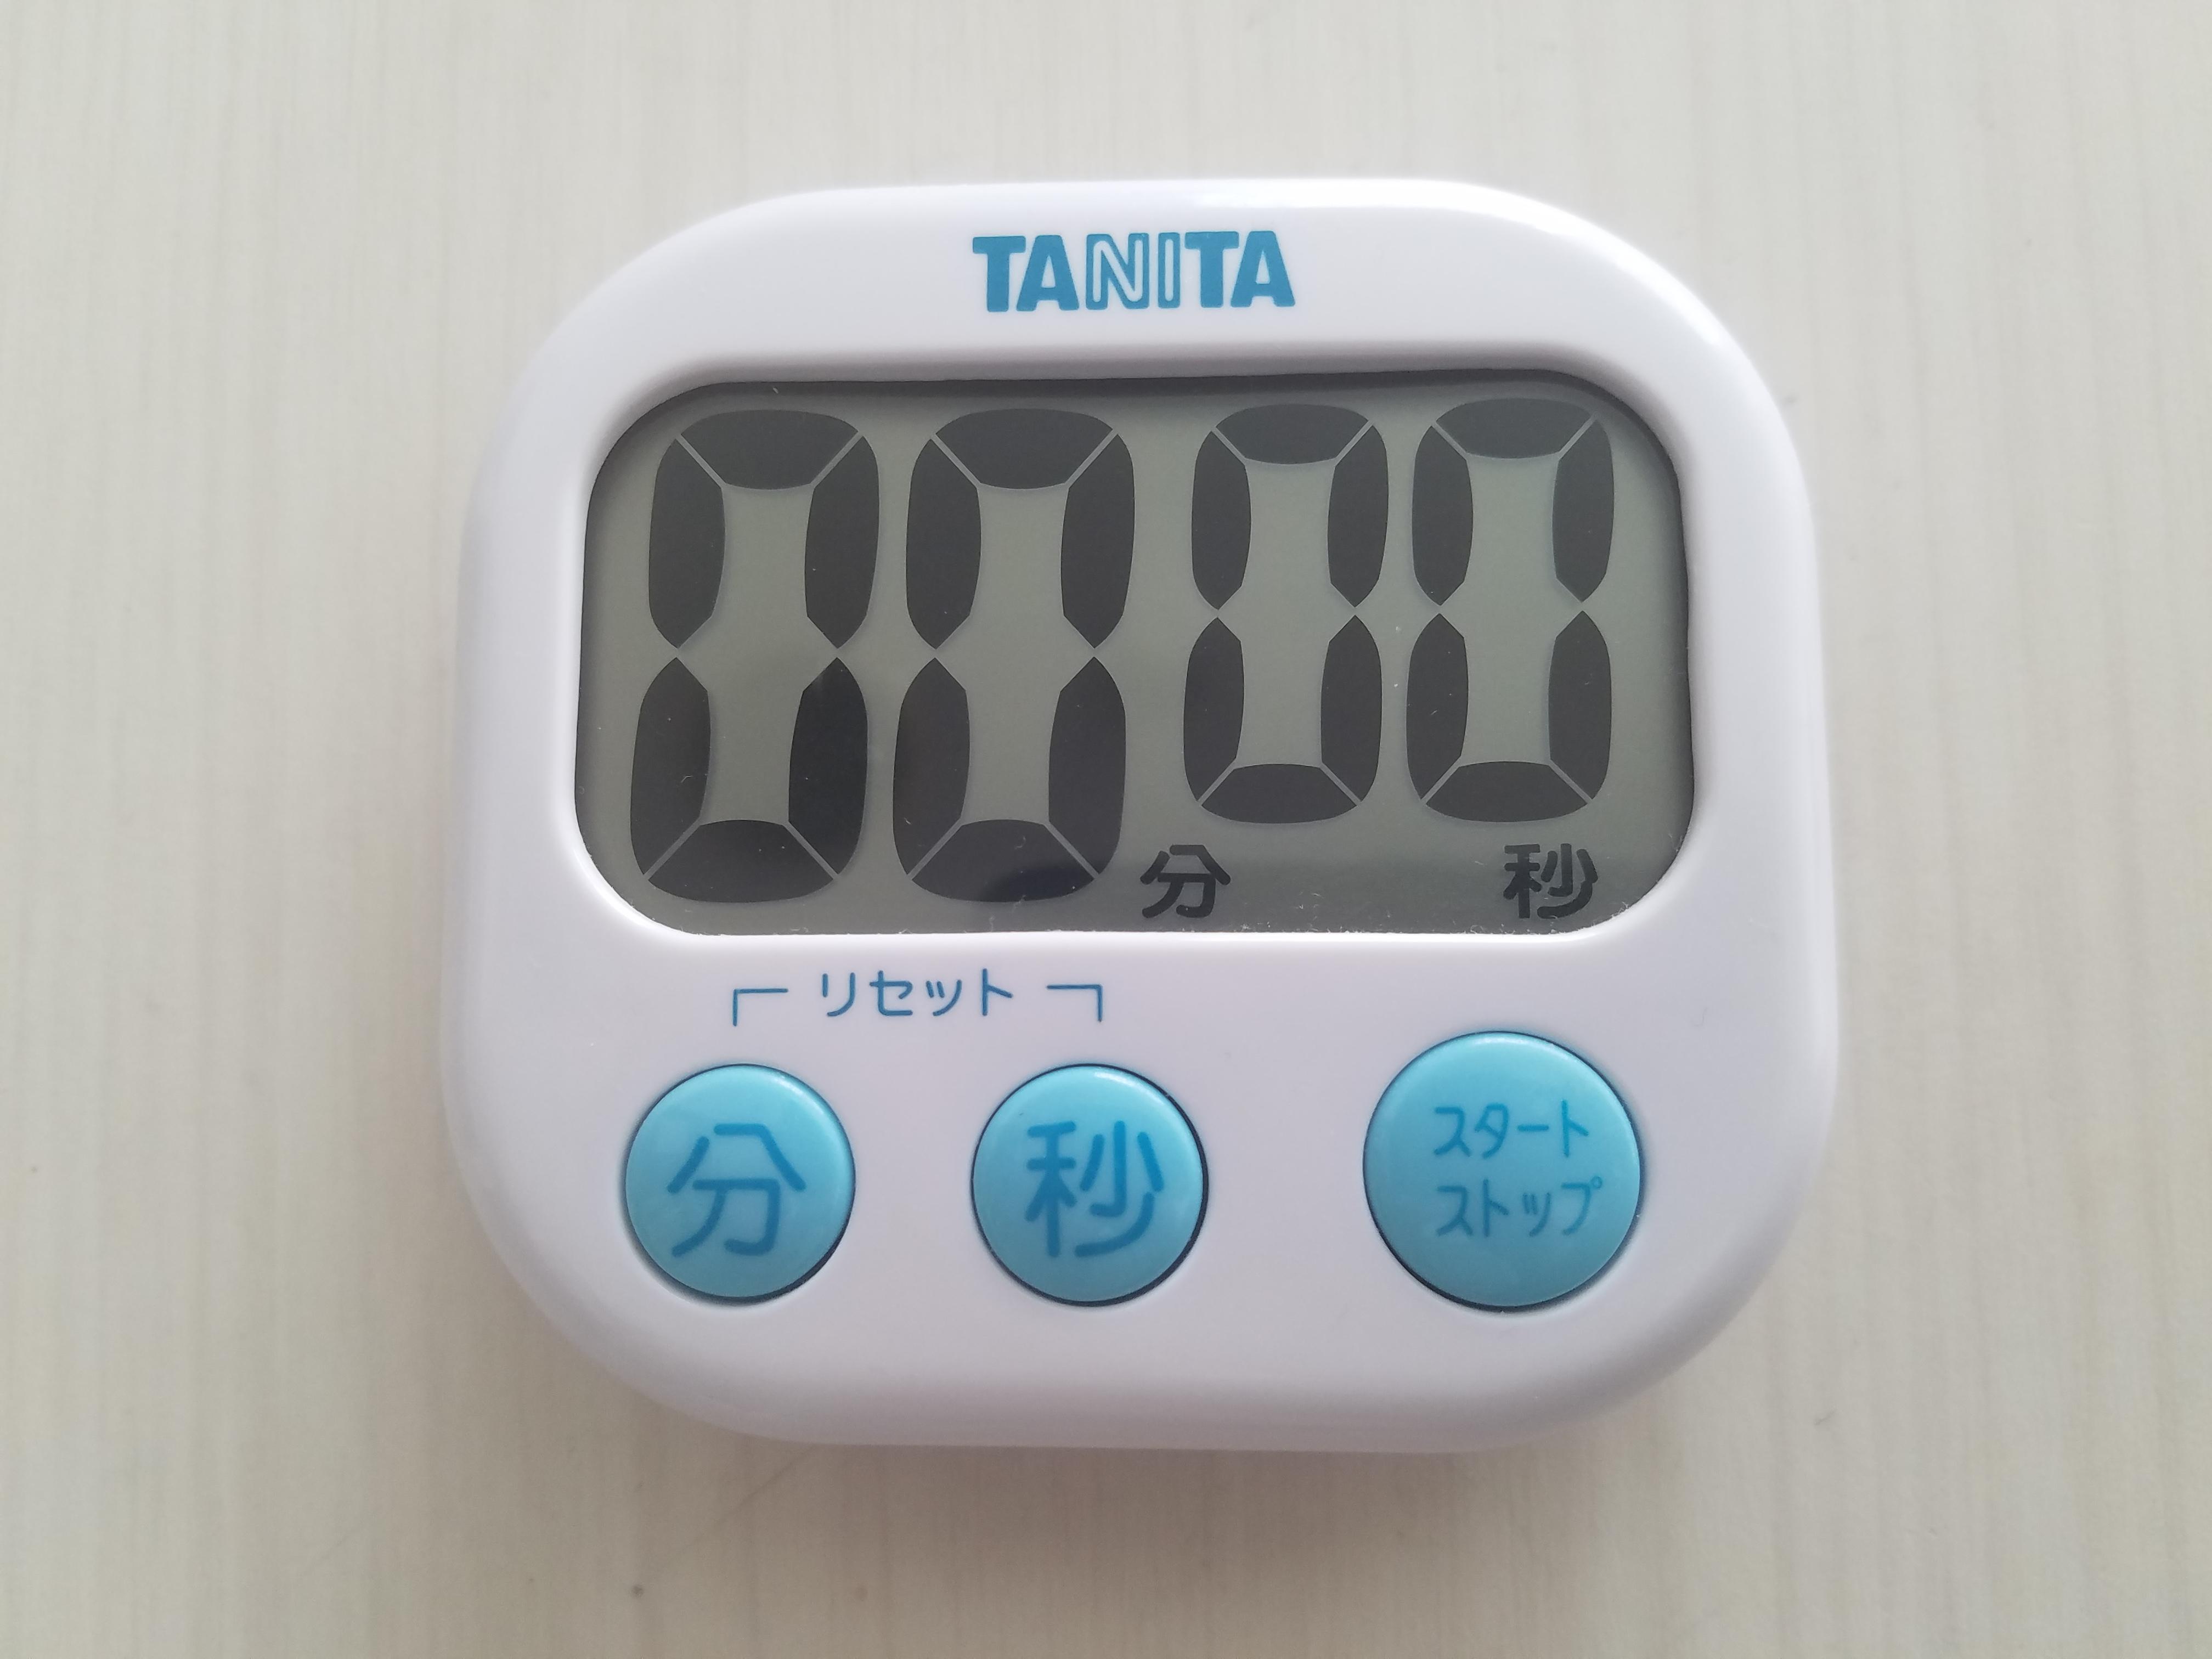 タニタの「デカ見えタイマー TD-384」